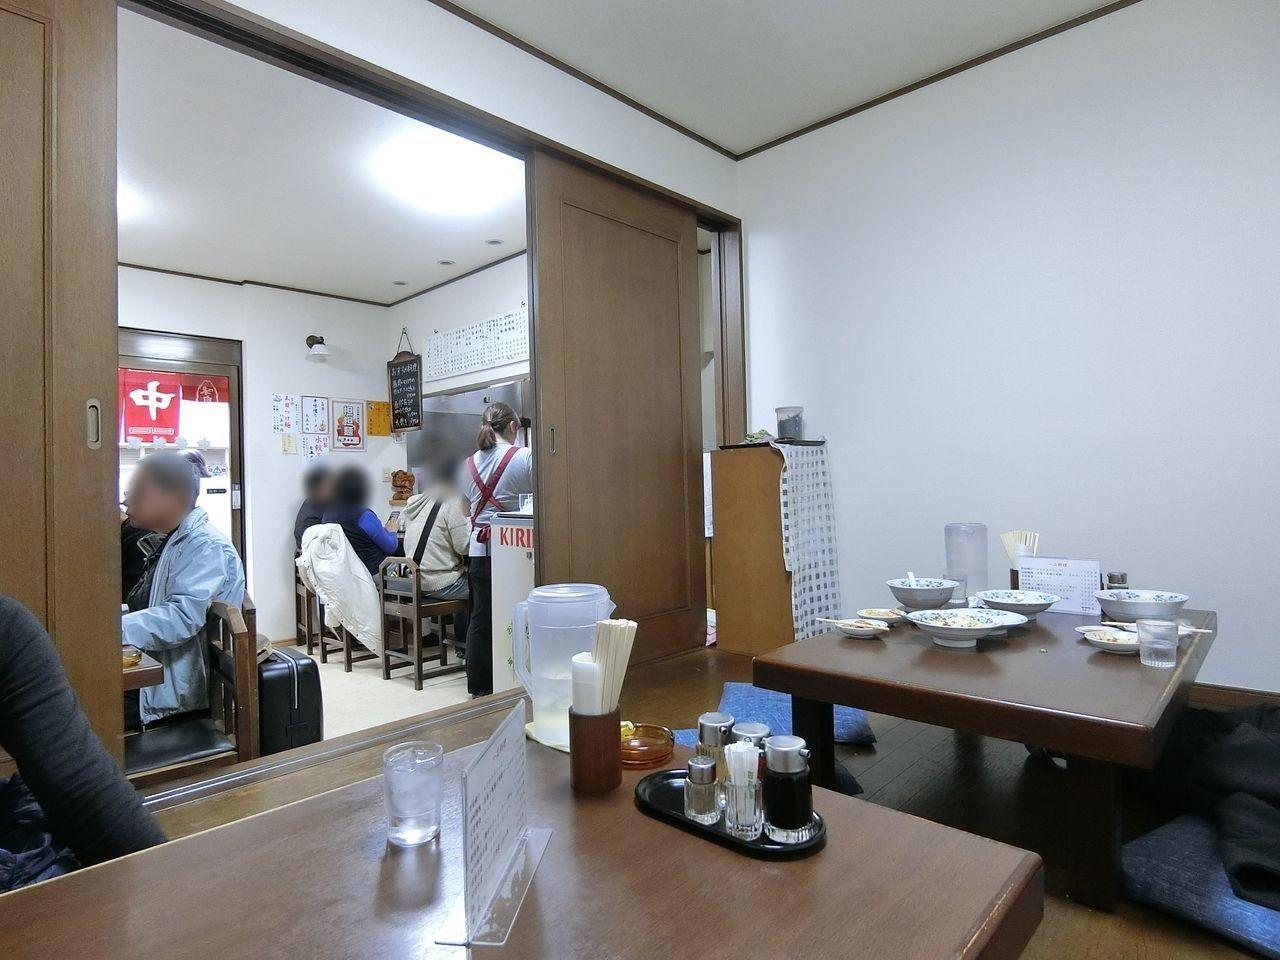 板橋区前野町の中華料理 吉祥軒(きっしょうけん)